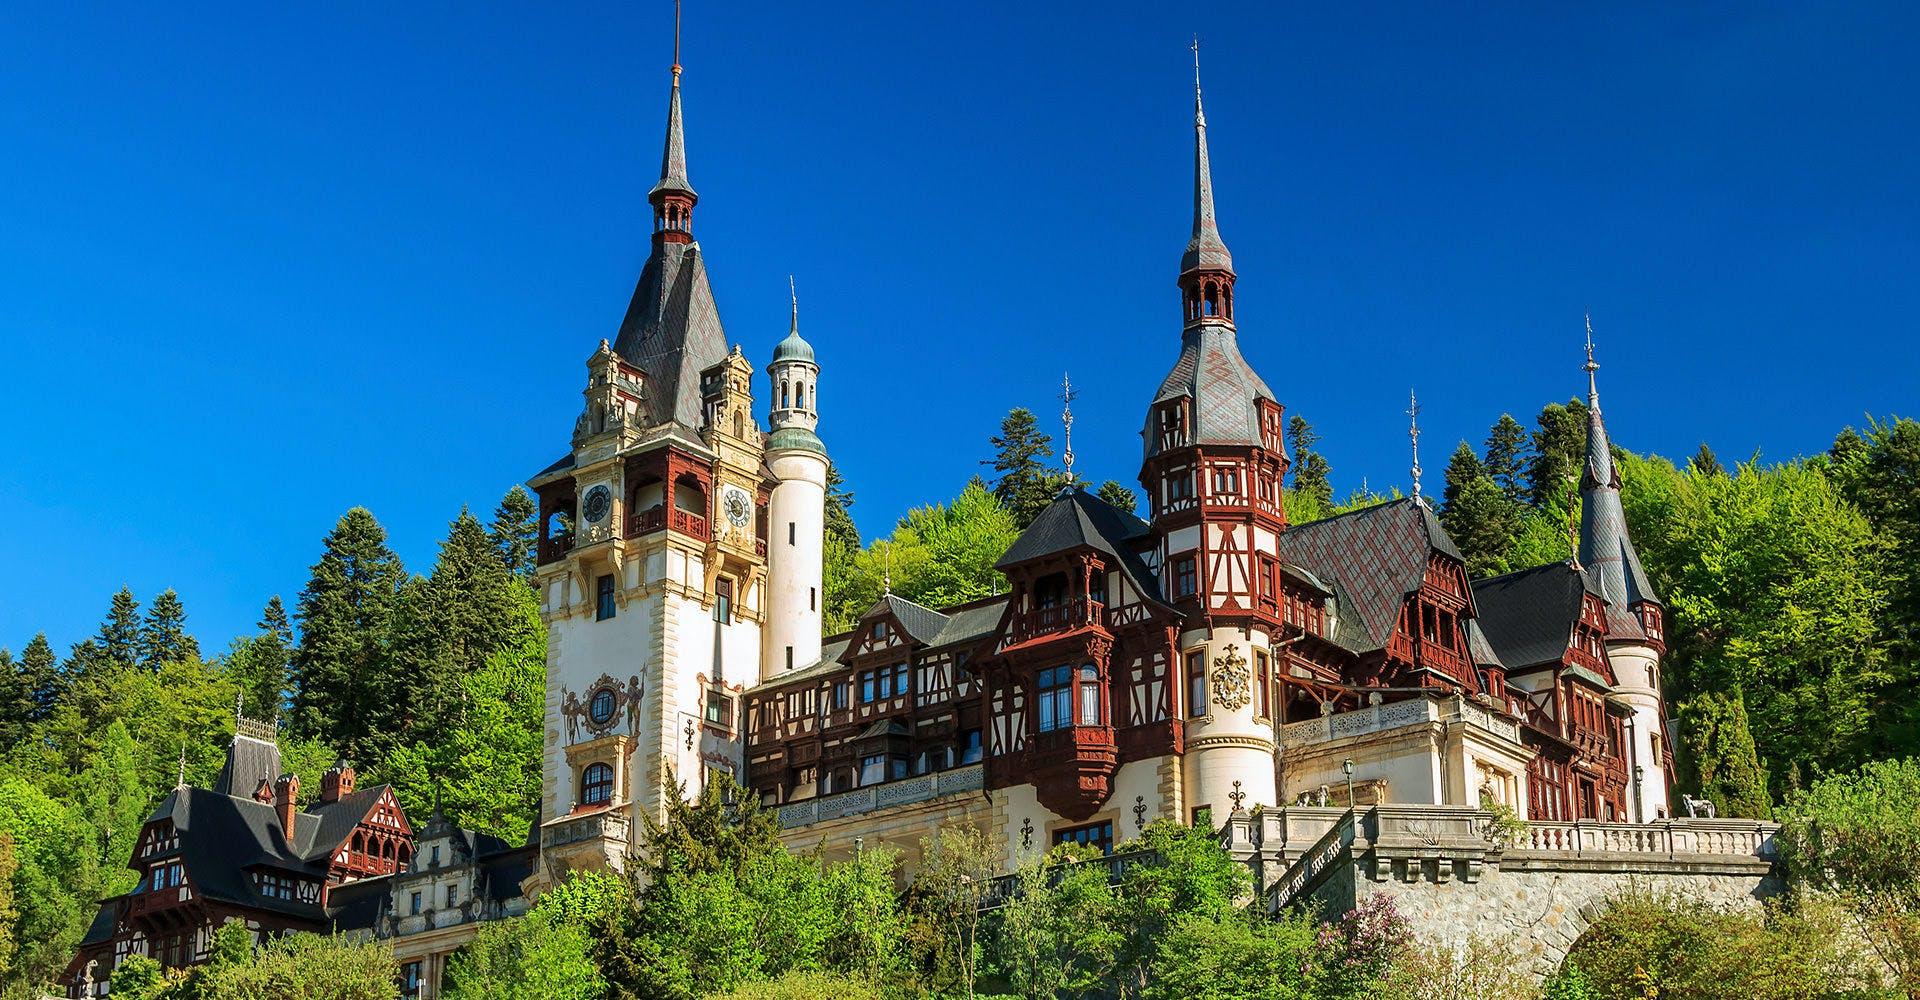 ルーマニアのホテル 海外ホテル予約・海外旅行は一休.com